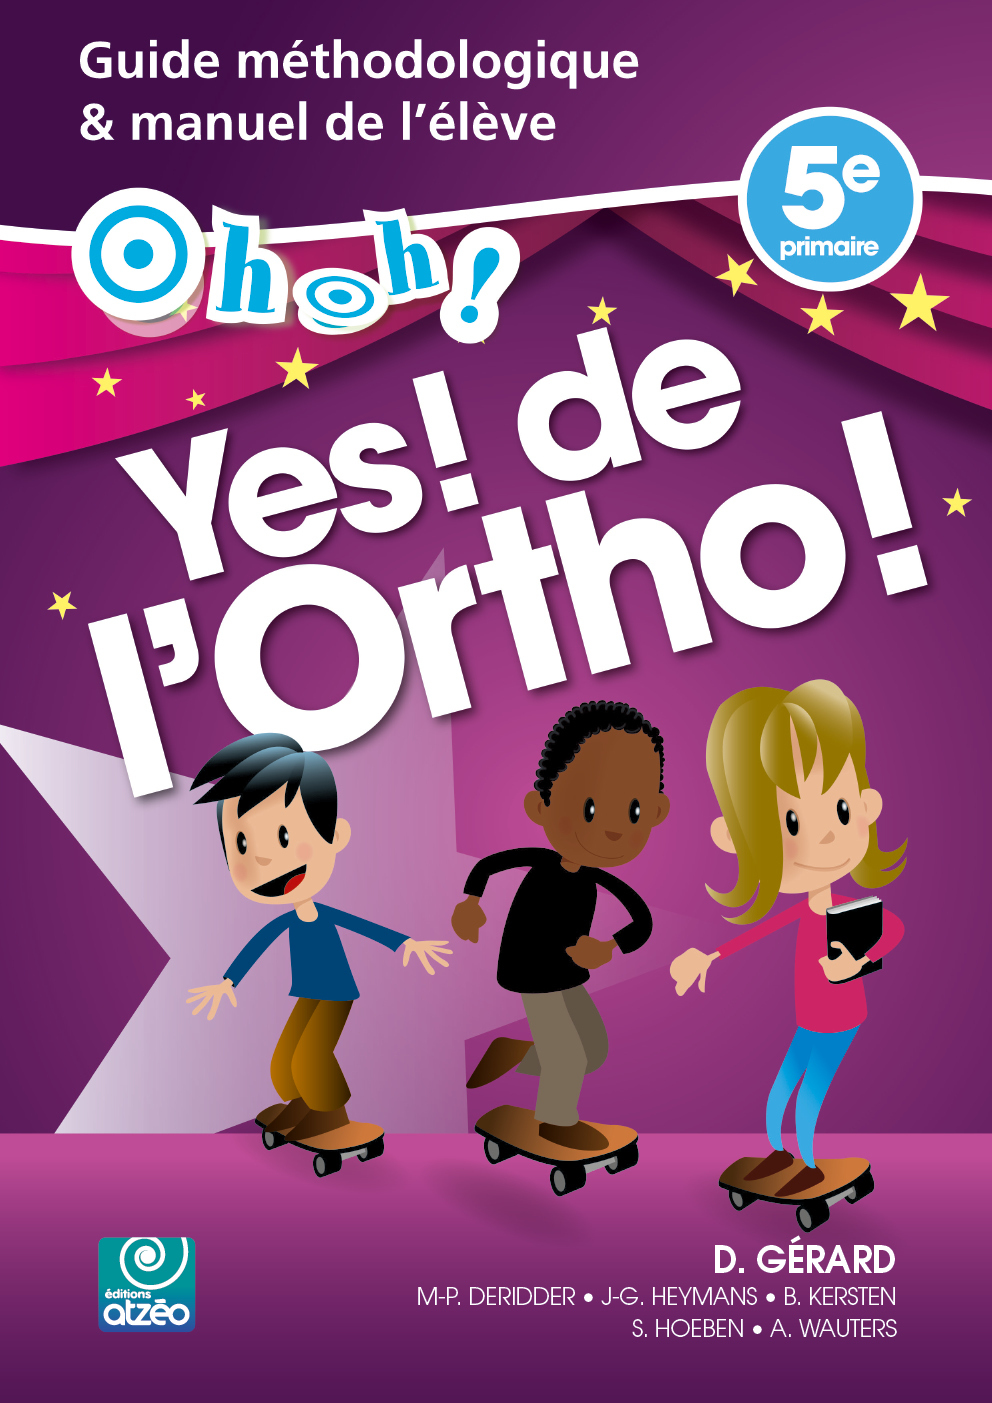 OHOH YES DE L'ORTHO